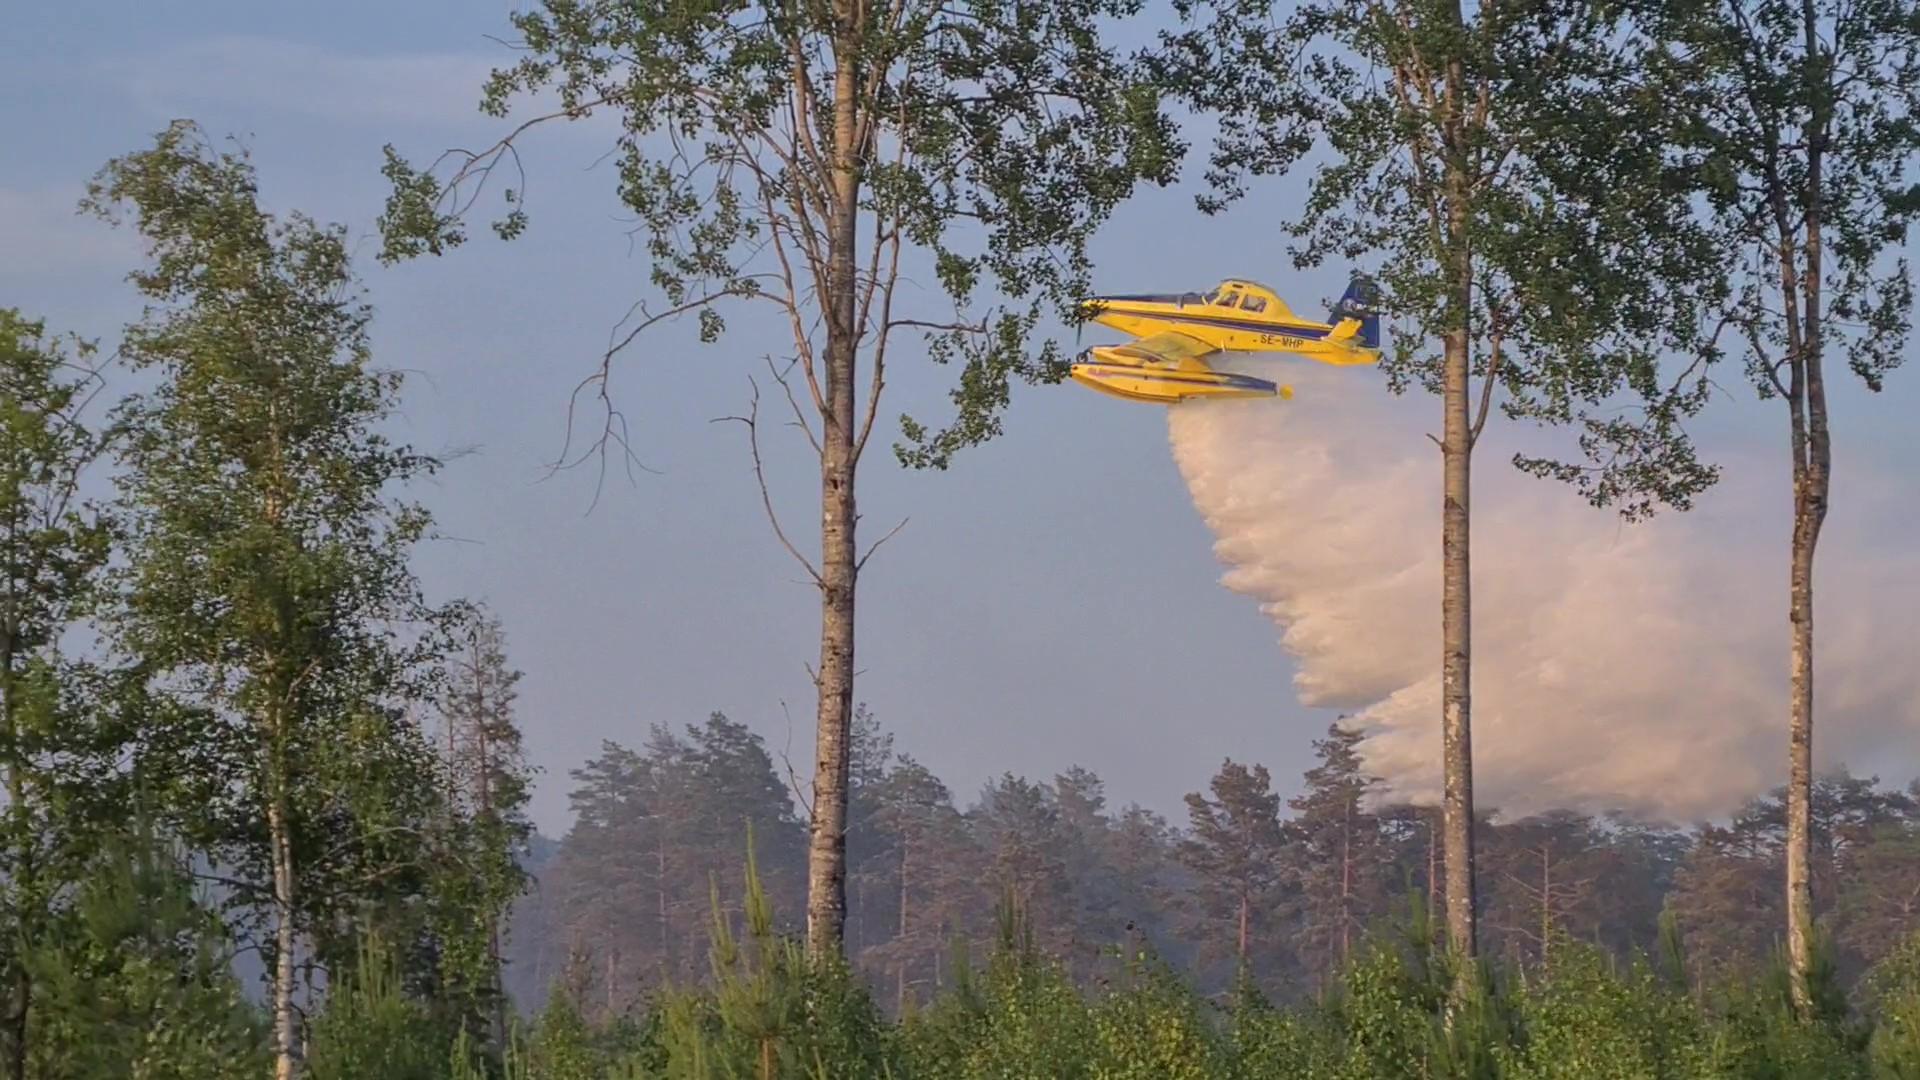 Det finns inga misstankar om att Finsjöbranden skulle vara anlagd